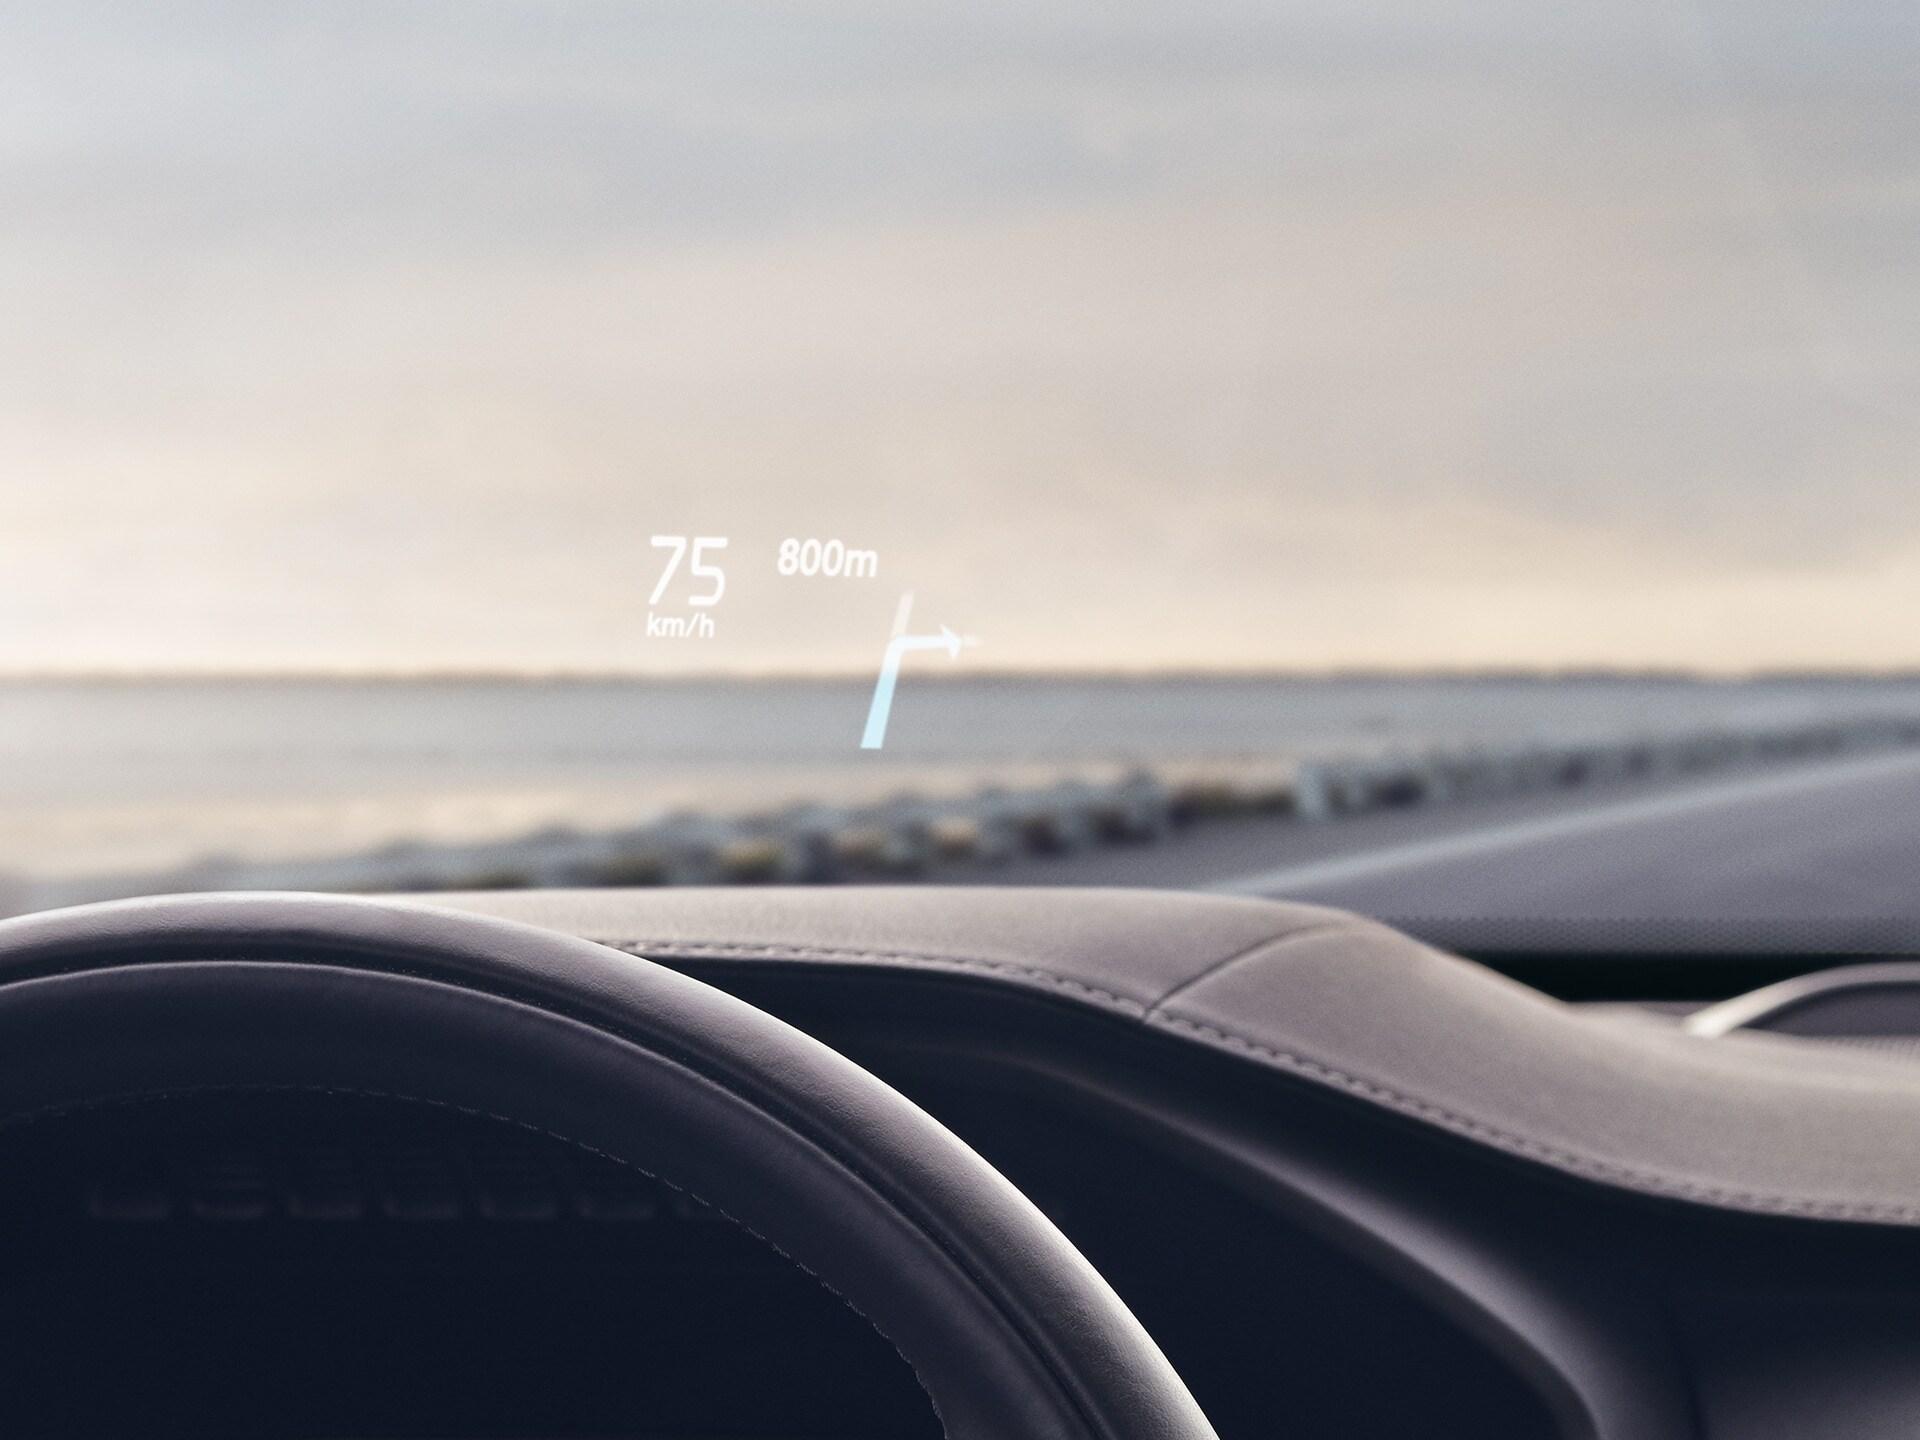 Kuva Volvon sisältä, ajonopeus näytetään tuulilasissa